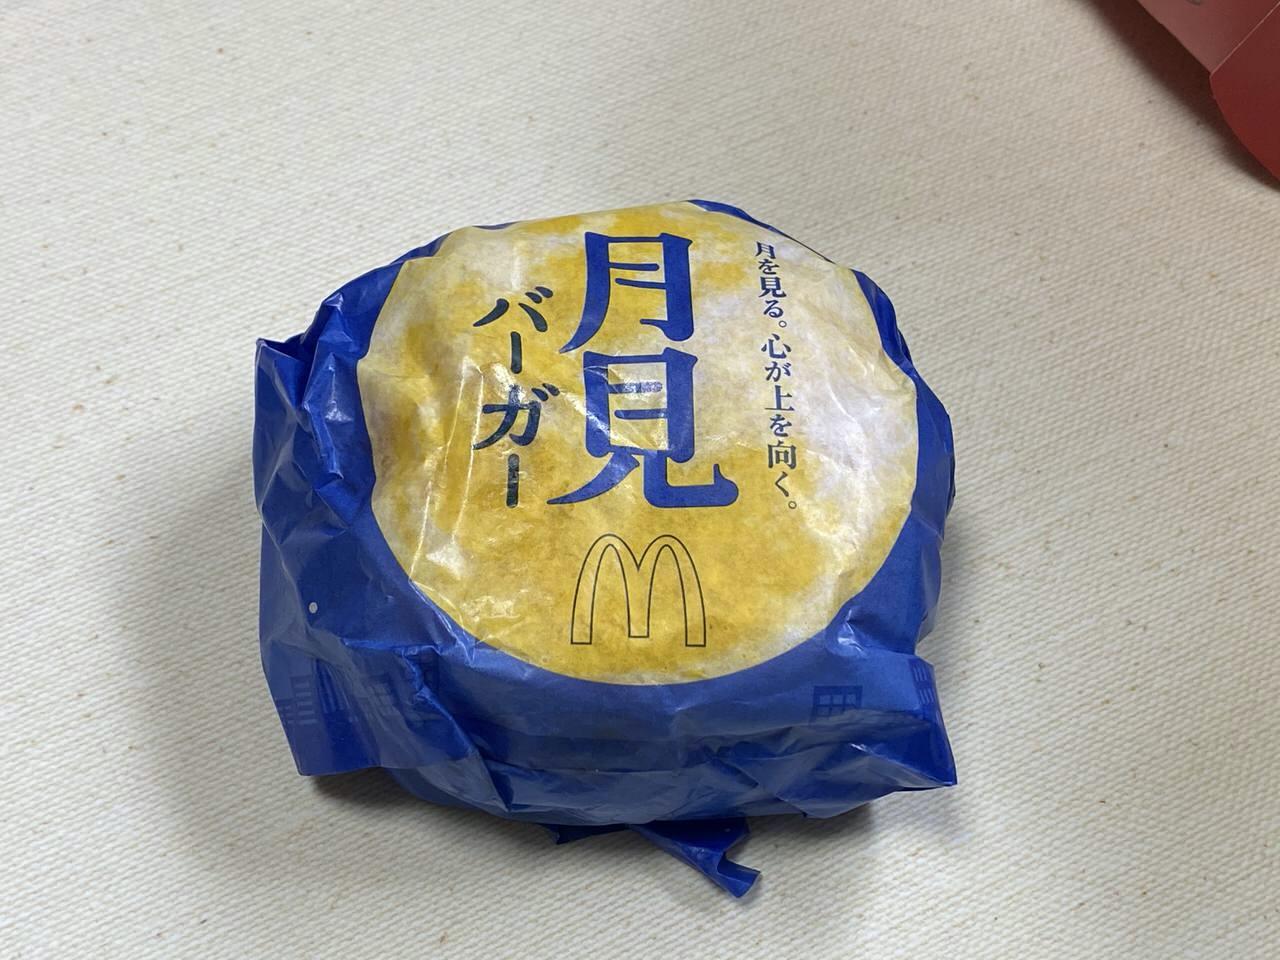 【マクドナルド】「濃厚ふわとろ月見」に続き定番の「月見バーガー」を食べてみたところ‥‥